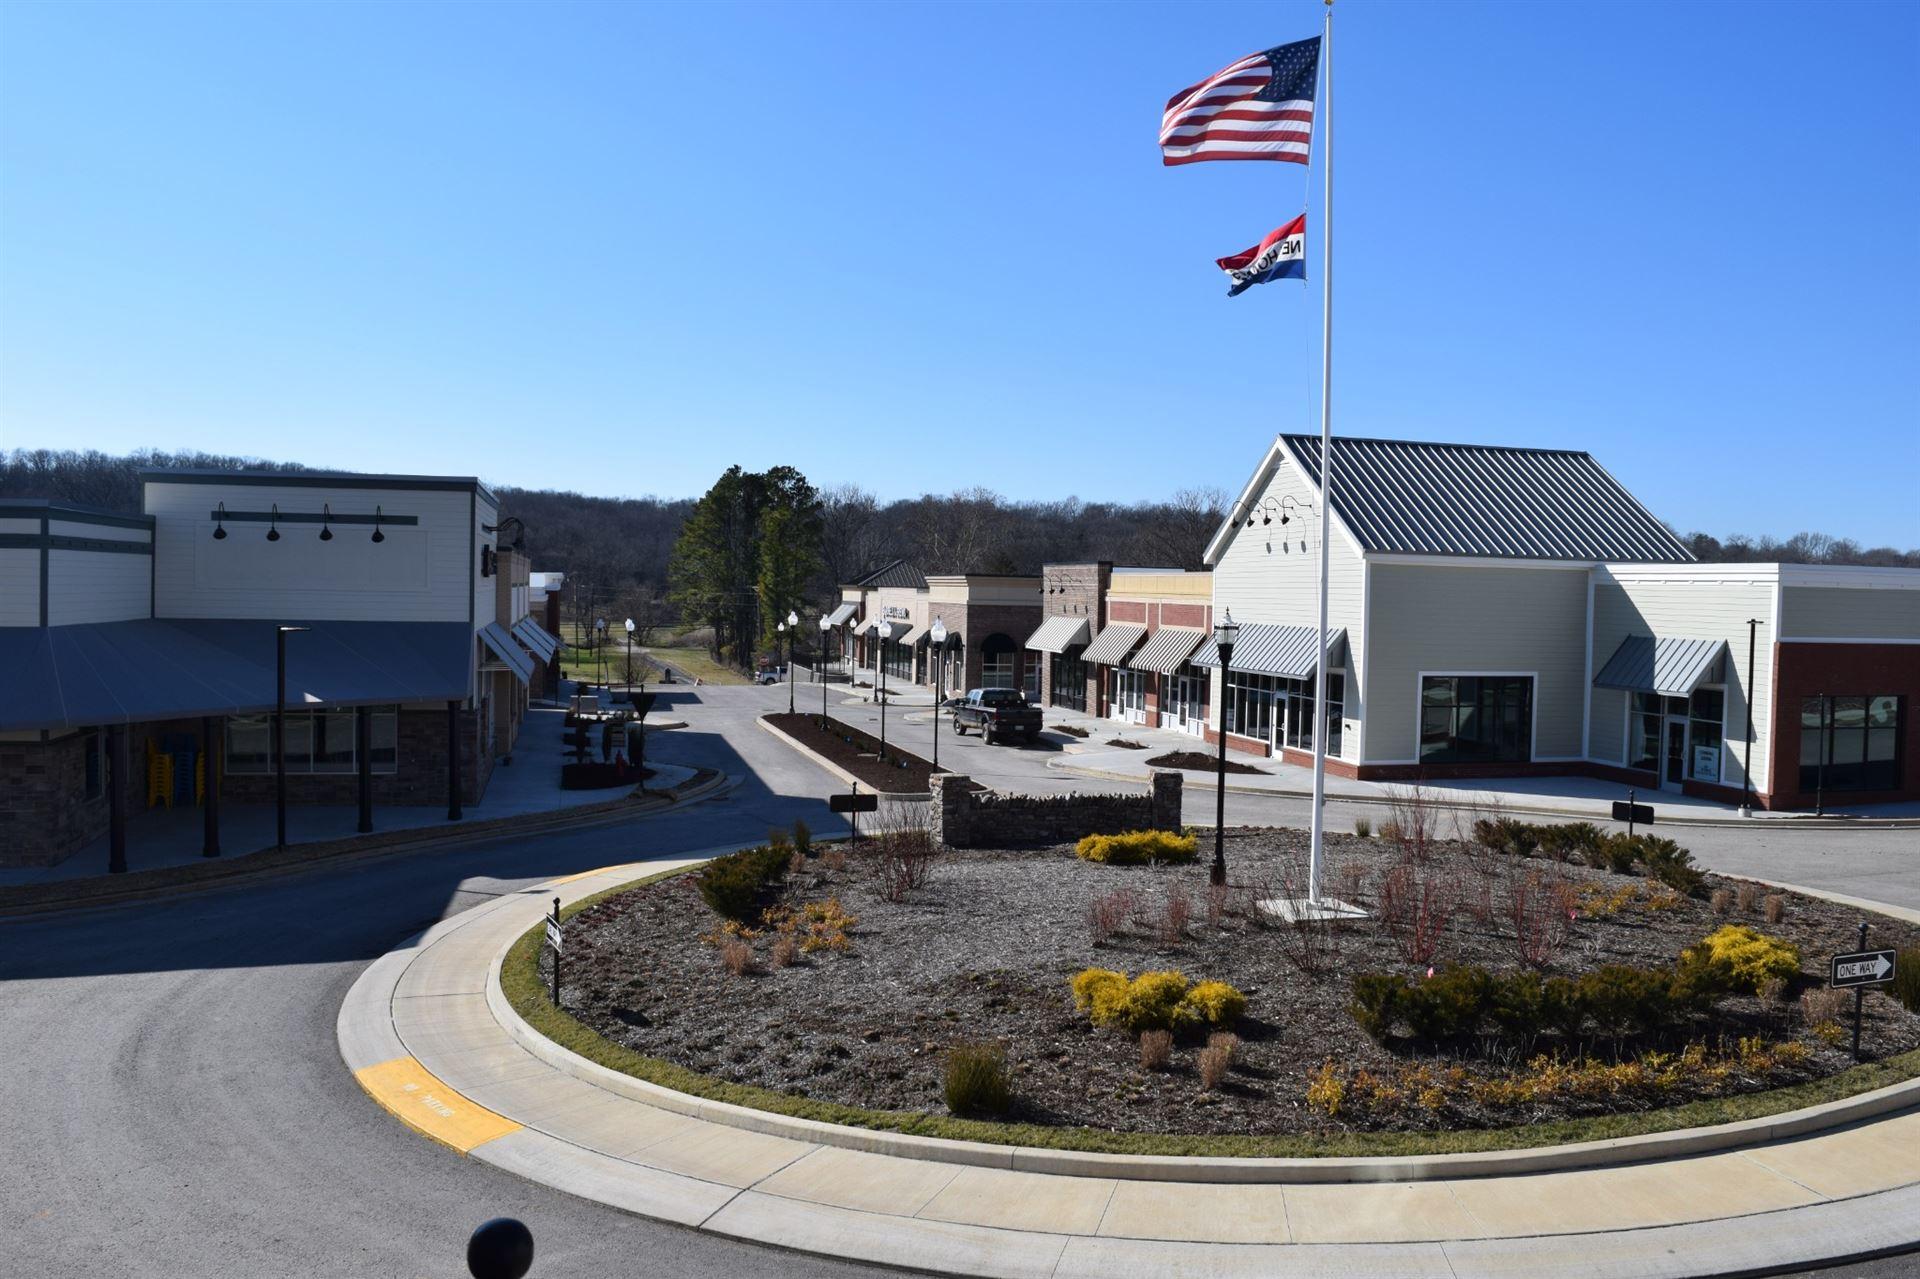 Photo of 141 Burkitt Commons Ave, Nolensville, TN 37135 (MLS # 2173707)